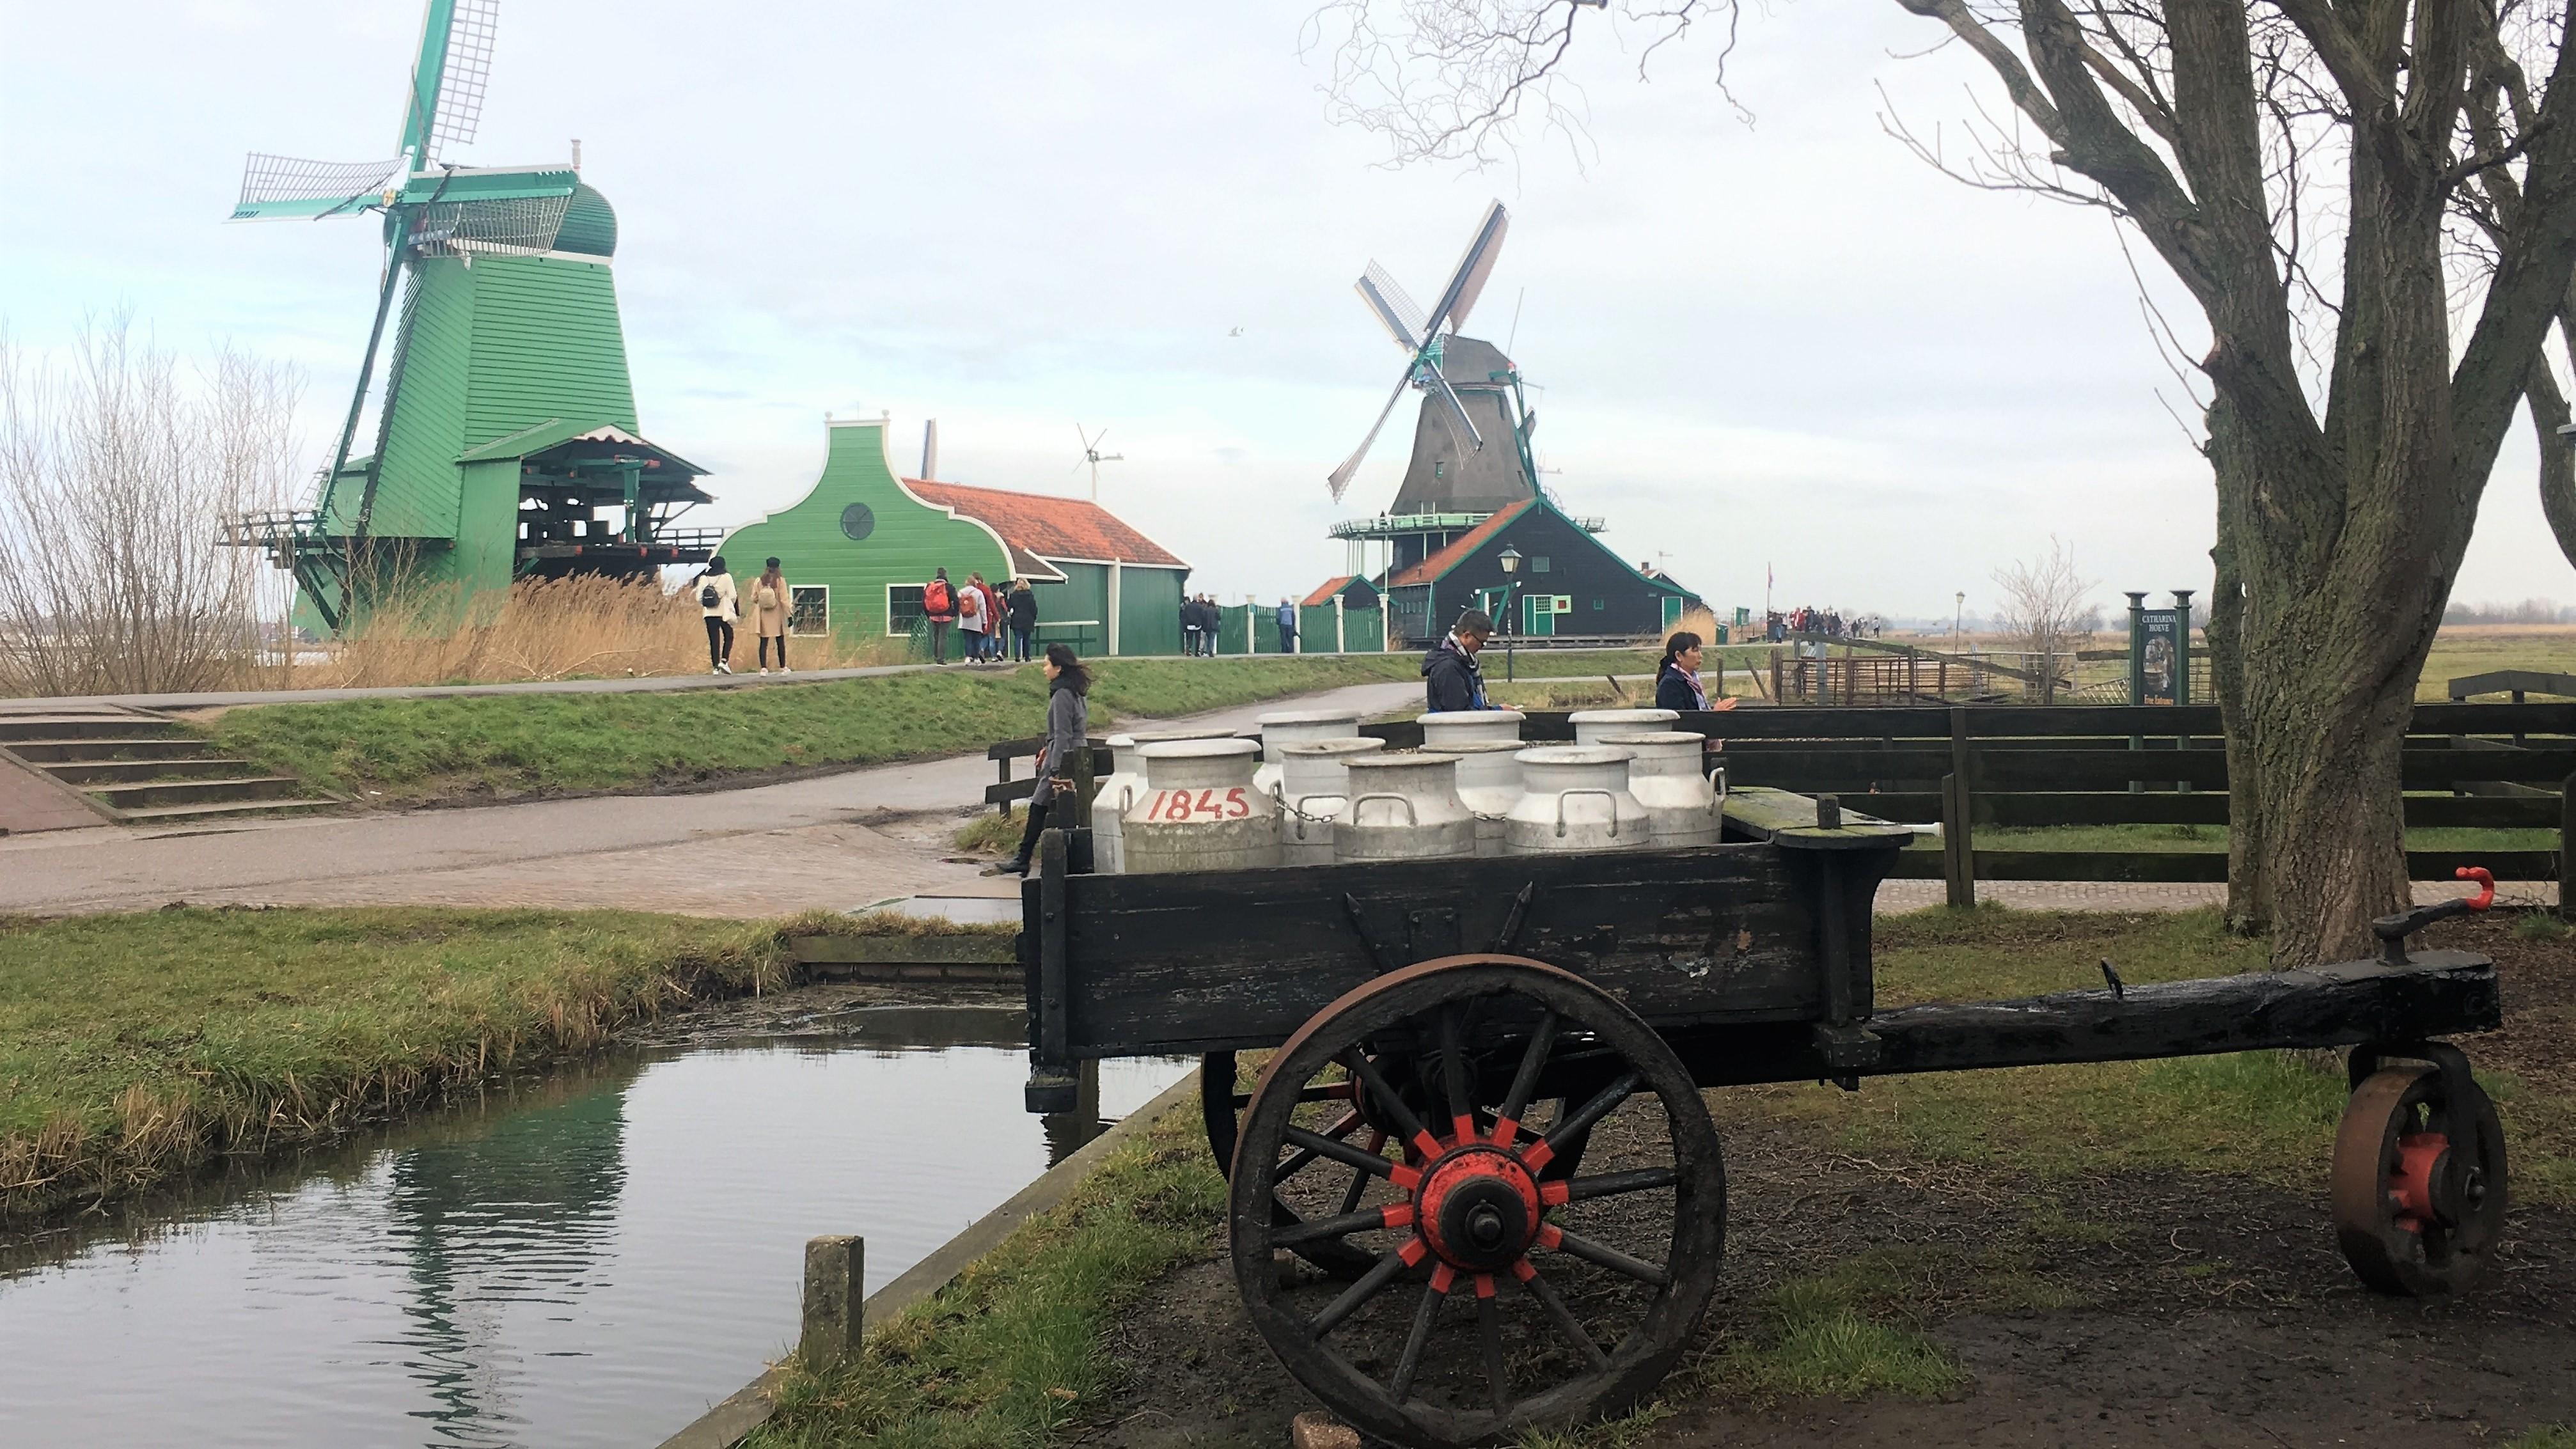 Zaanse Schans: The Best Day Trip from Amsterdam